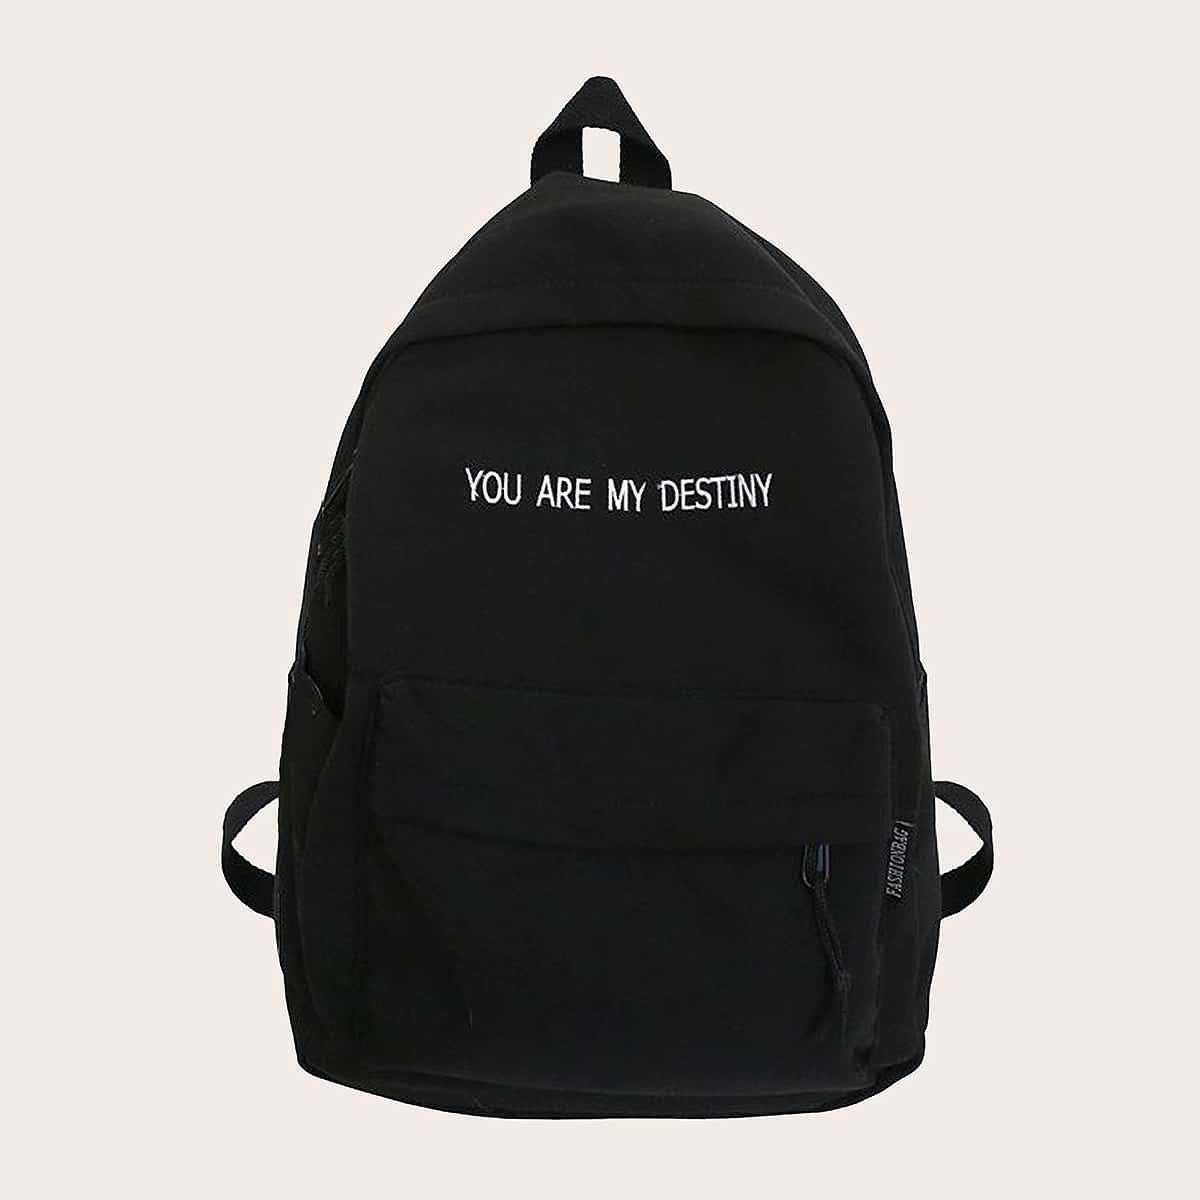 Рюкзак большой емкости с текстовым принтом